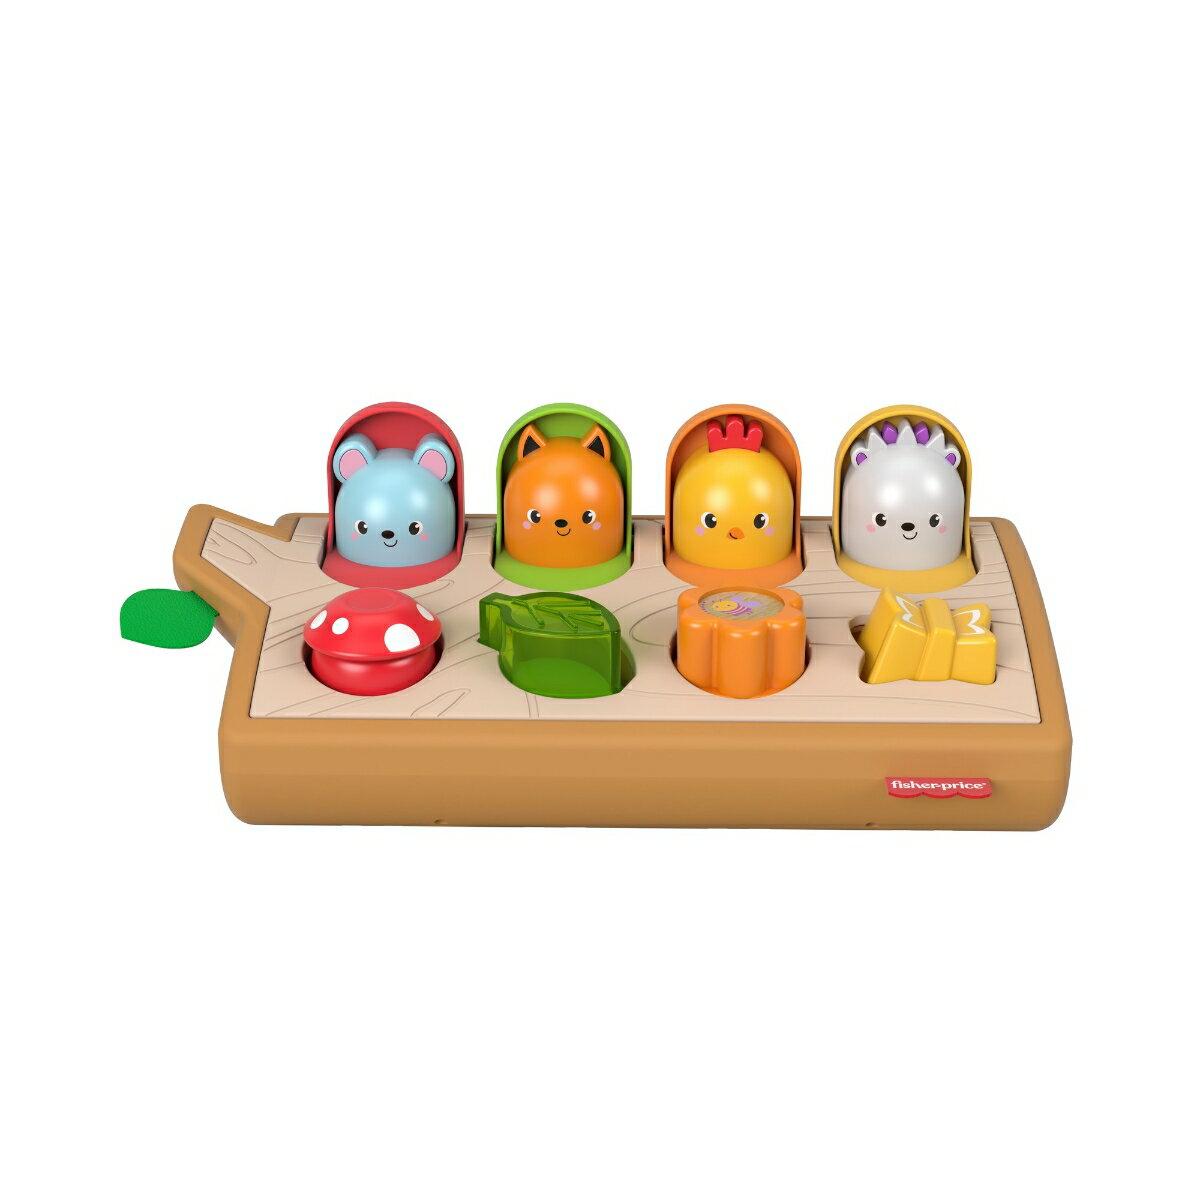 フィッシャープライス 感覚を育てよう!ボタンでアクションぴょっこりどうぶつ 【9カ月~ 知育玩具 】【BPA、フタル酸エステル類不使用】 GWB85